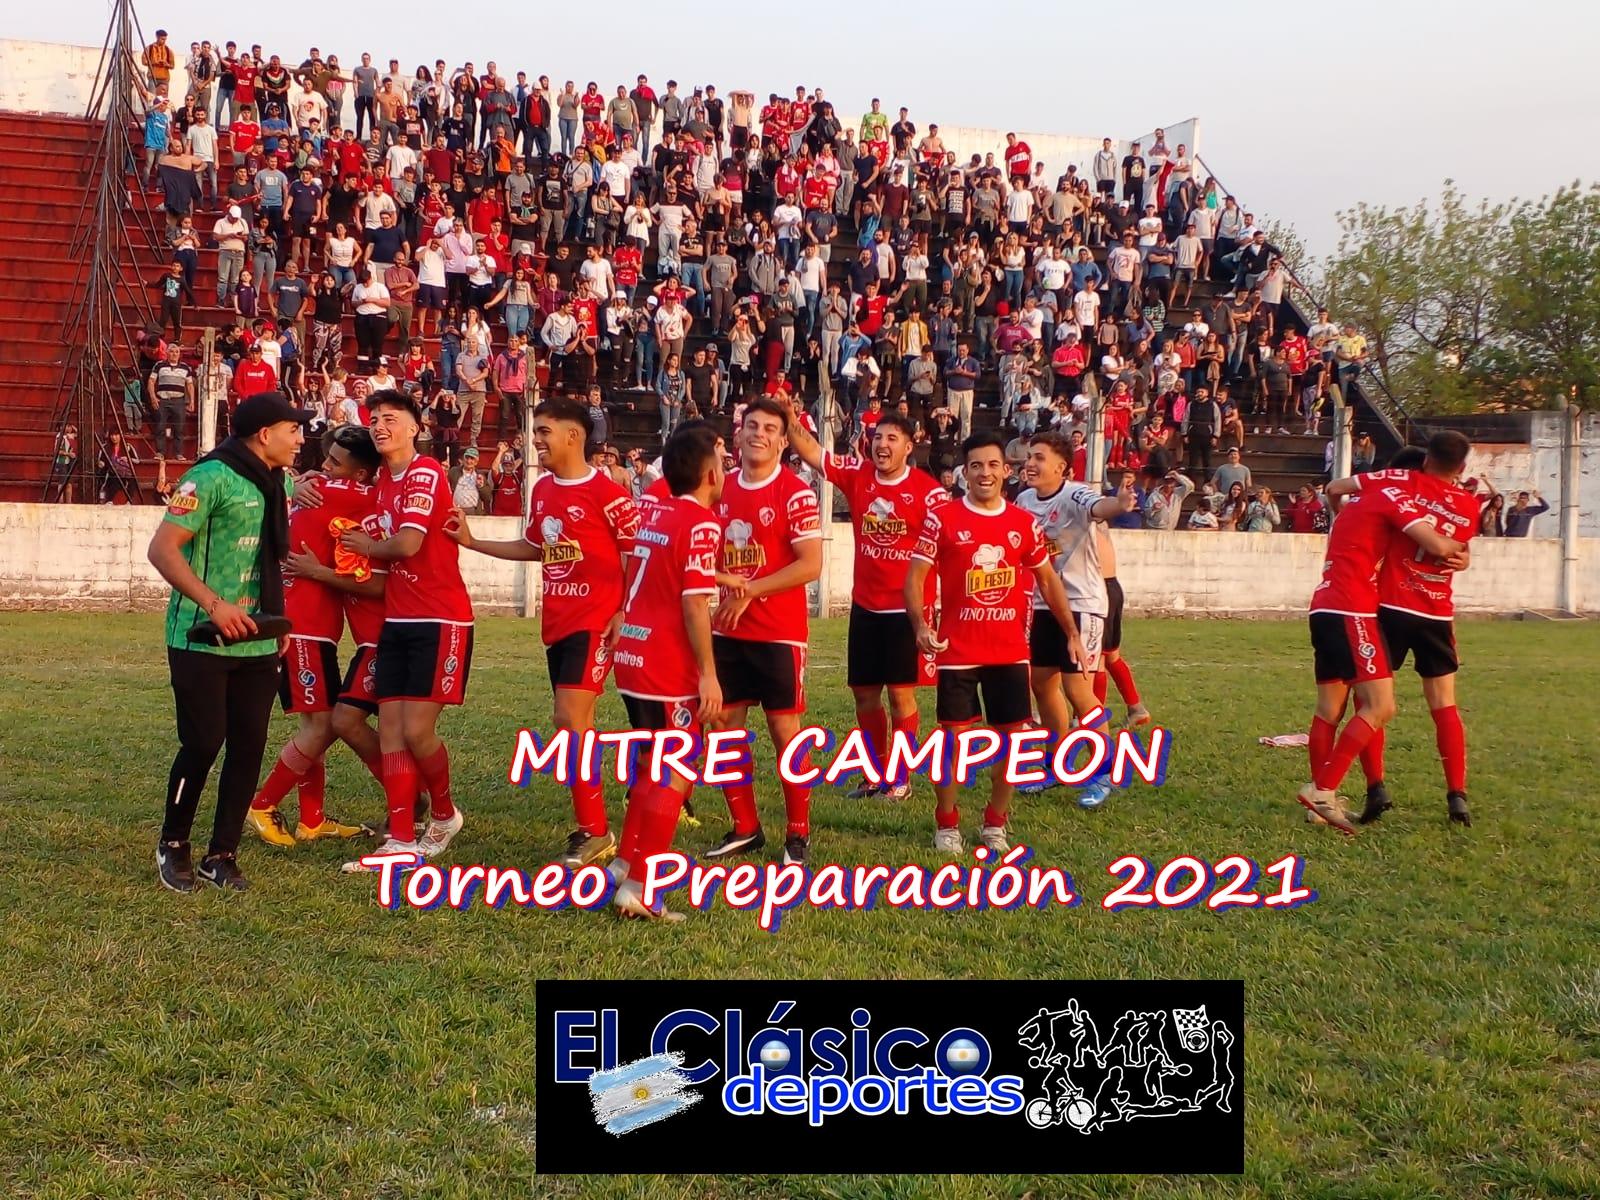 En este momento estás viendo Torneo Preparación 2021: en un inolvidable clásico, Mitre lo dio vuelta en el final y se consagró campeón